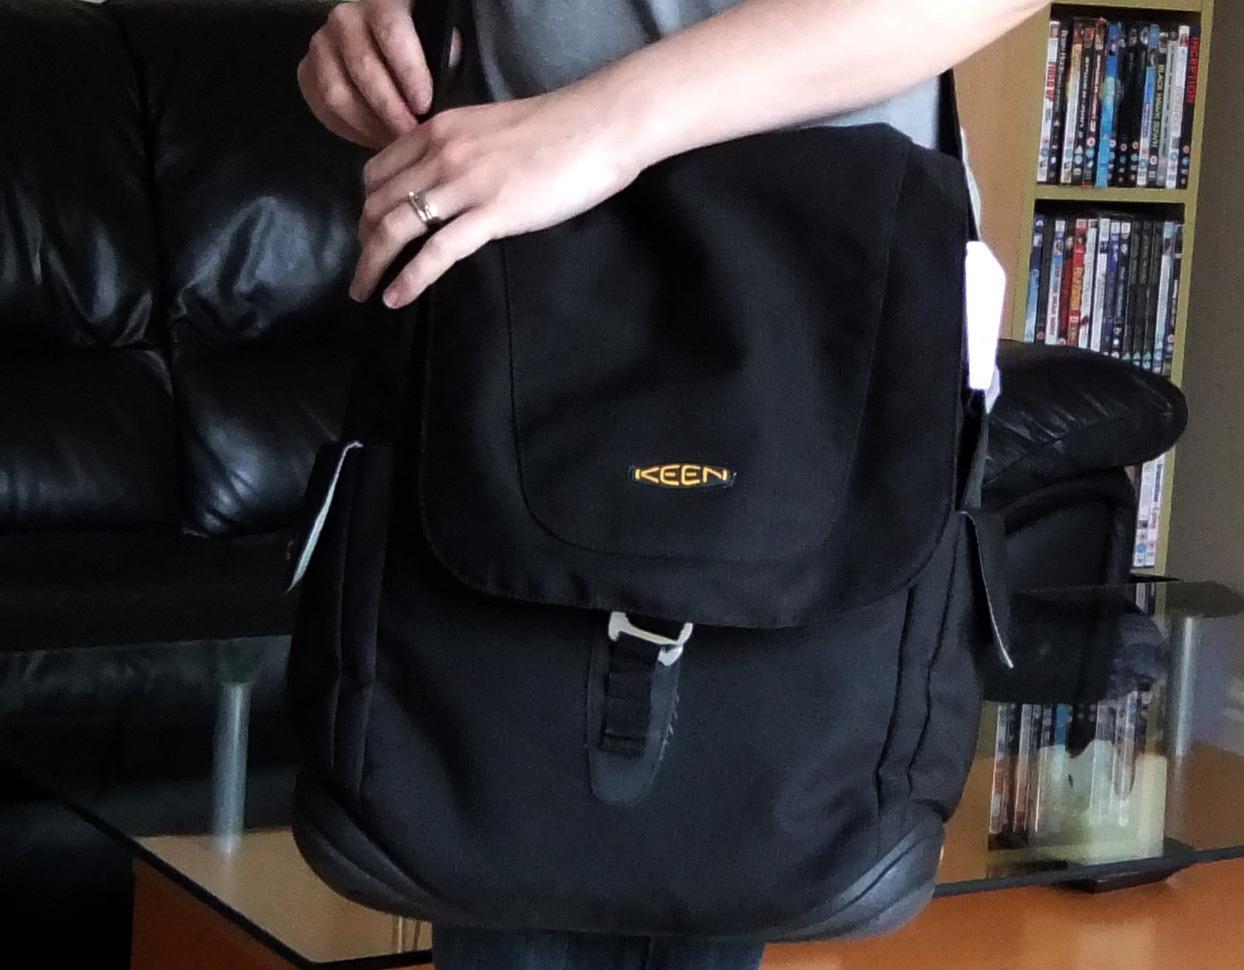 KEEN bag